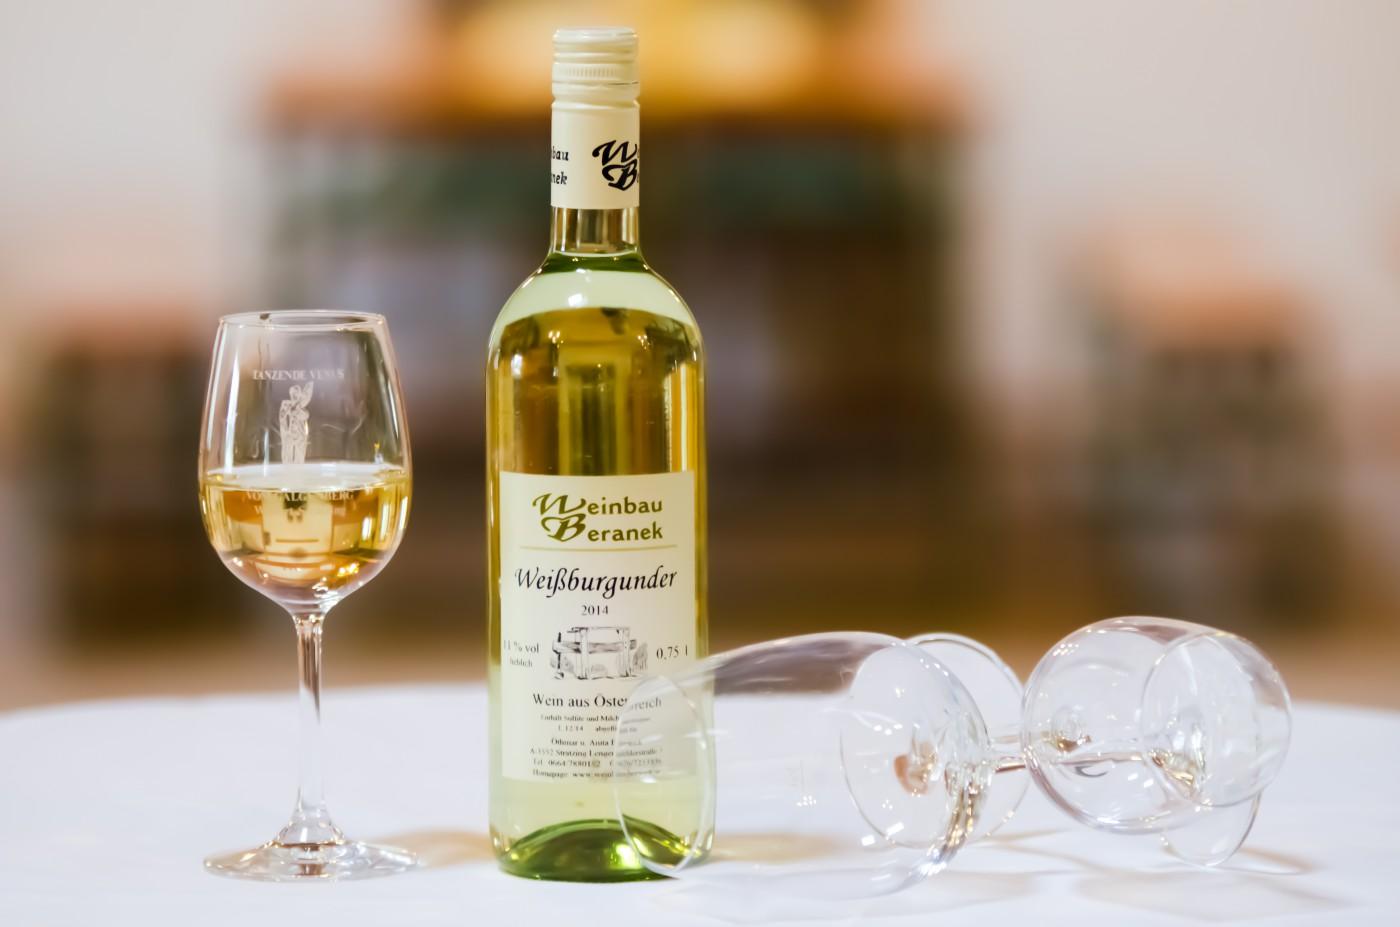 Weissburgunder - Weinbau Beranek